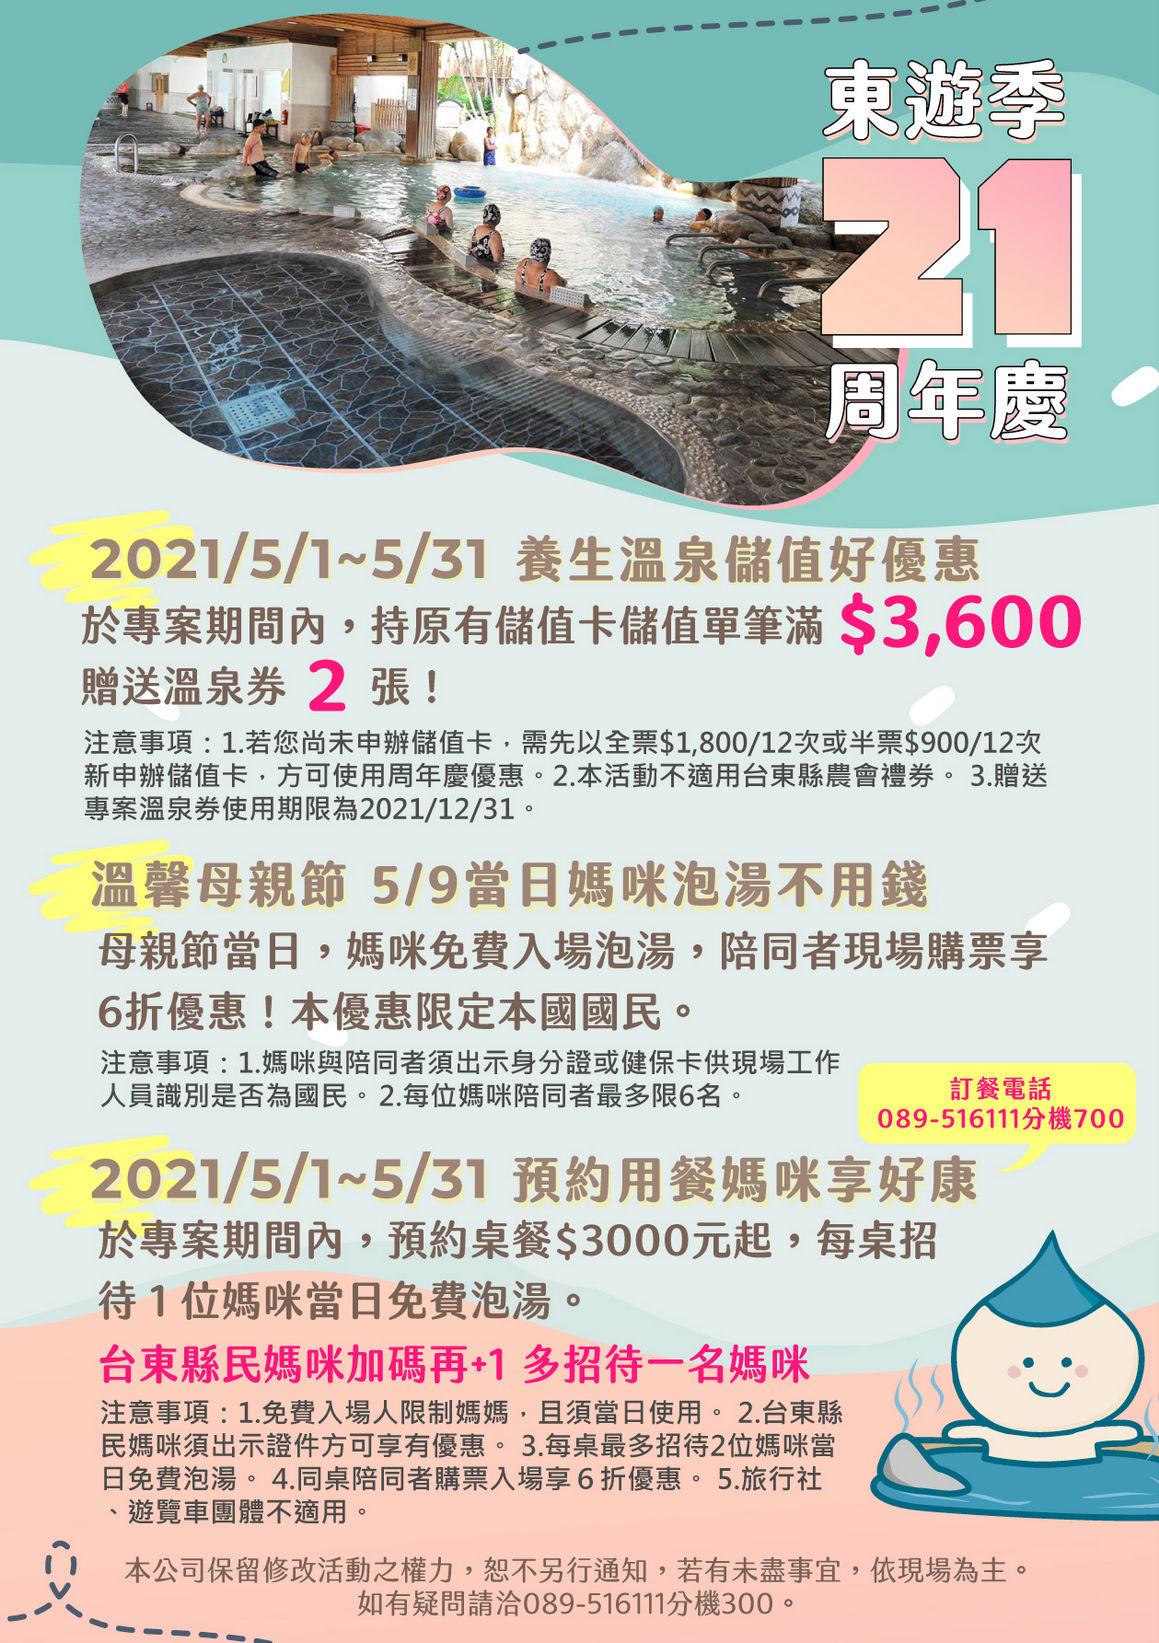 20210501-周年慶Q80